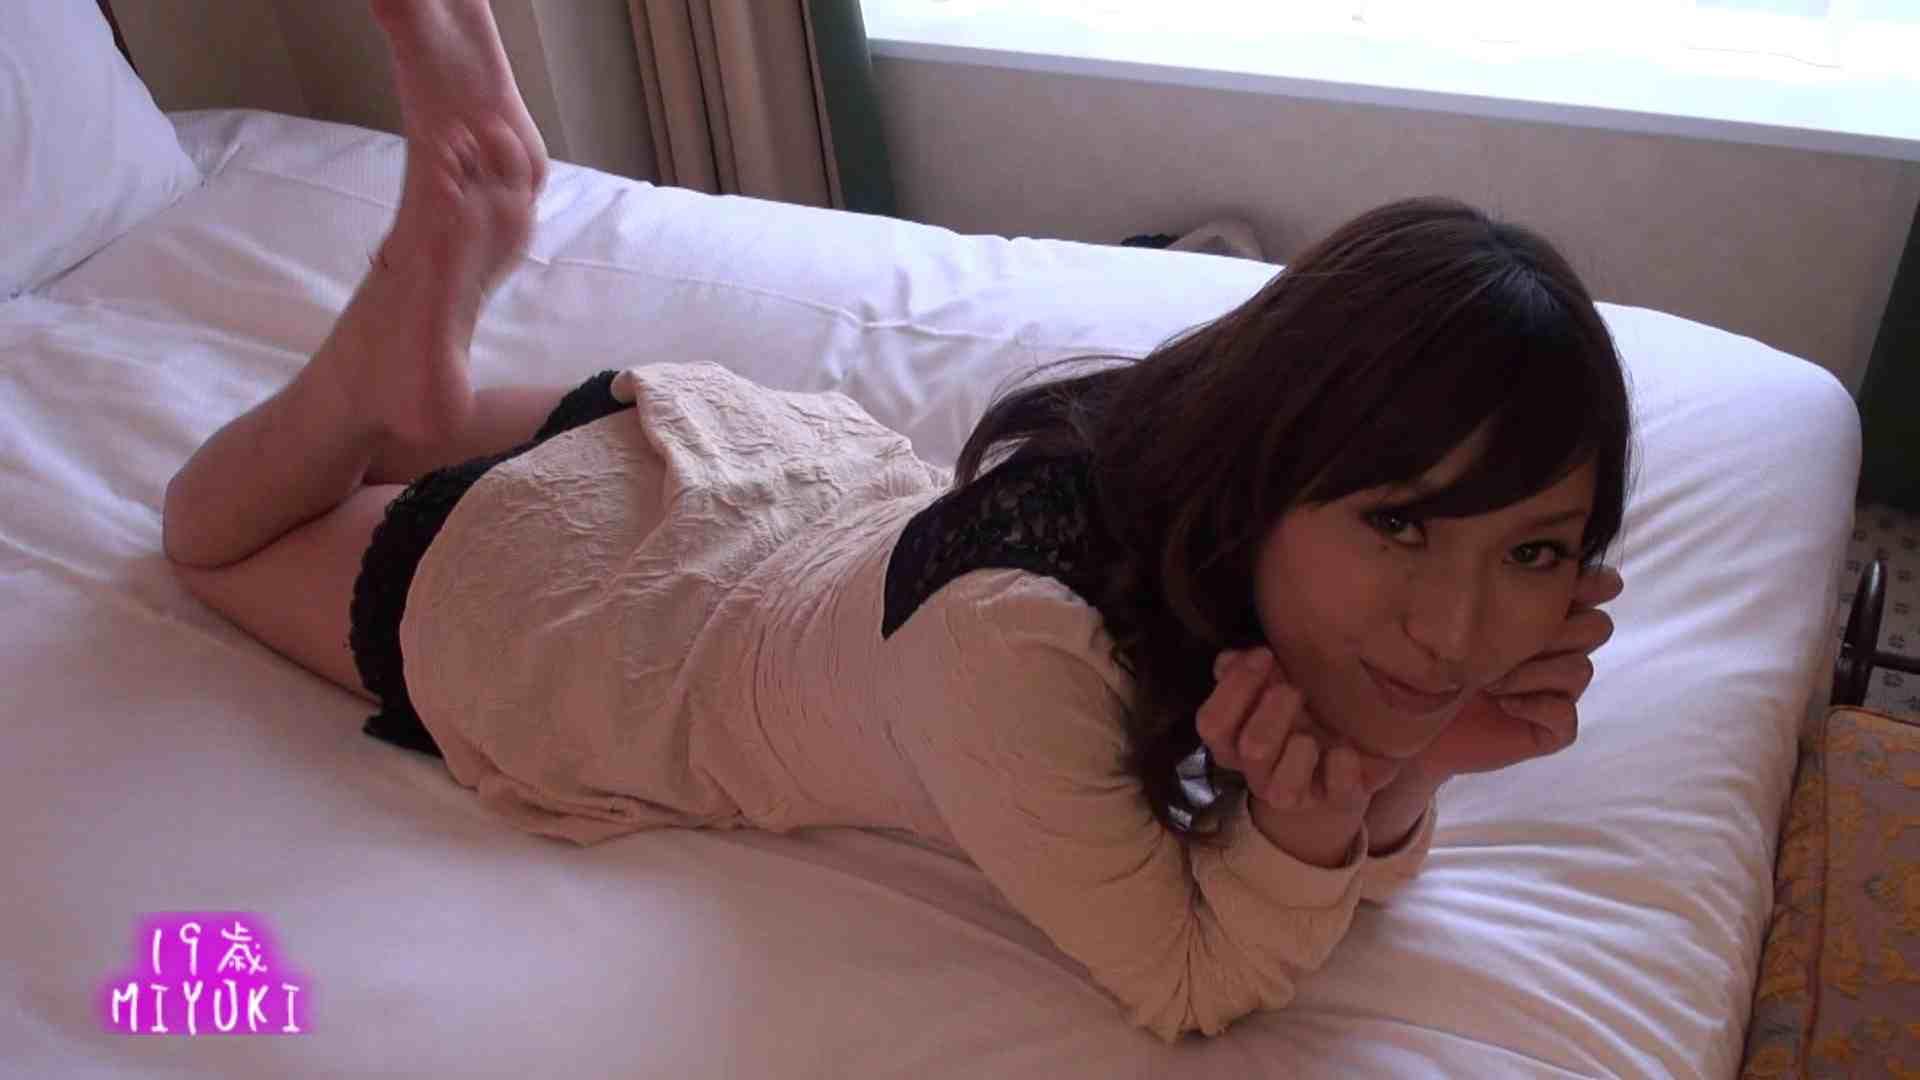 カメラテストを兼ねて、MIYUKIちゃんのイメージ撮影 メーカー直接買い取り  88連発 25